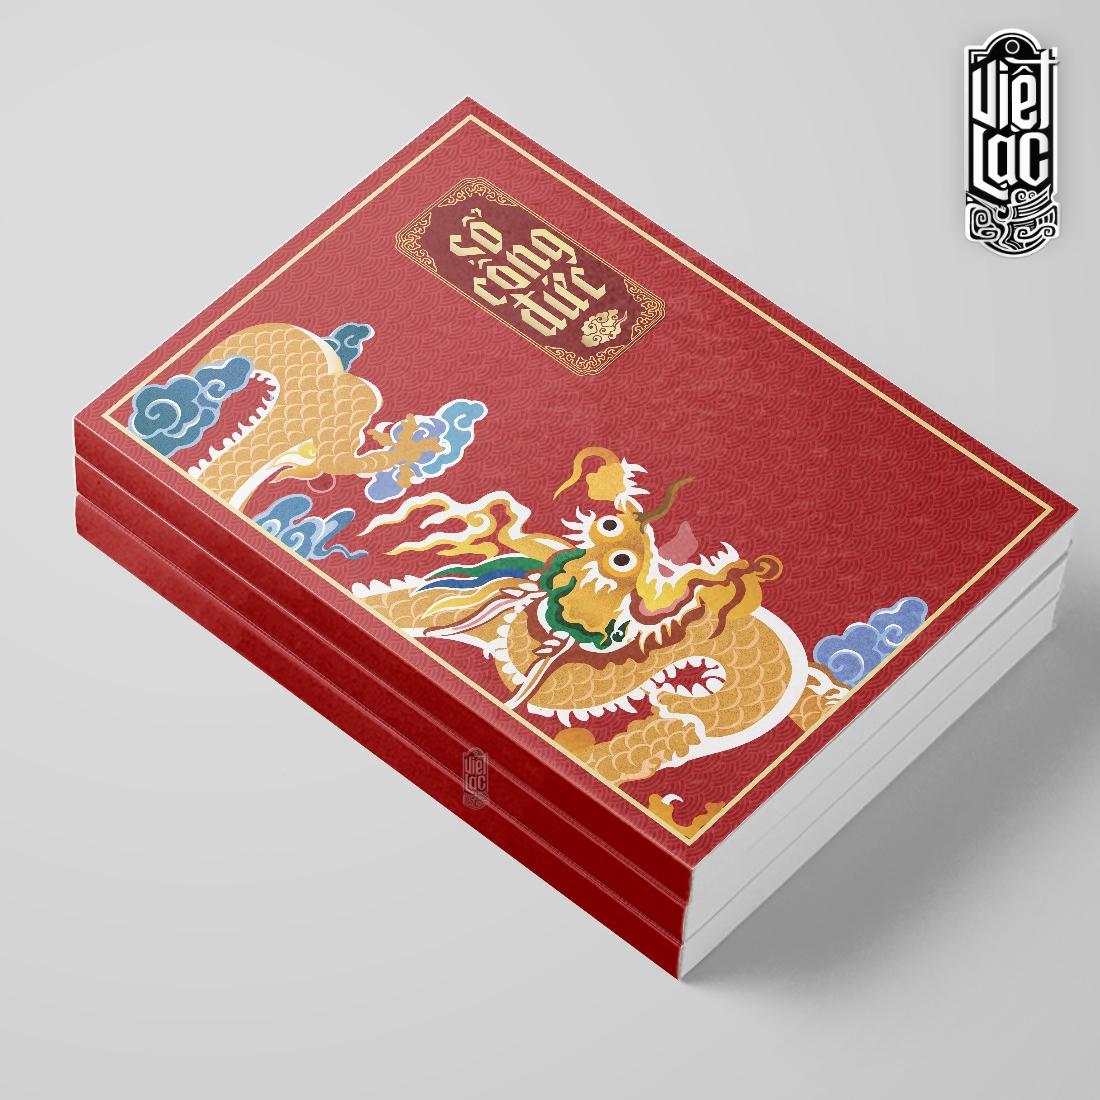 Sổ ghi công đức khổ A4 168 trang bìa đỏ Việt Lạc